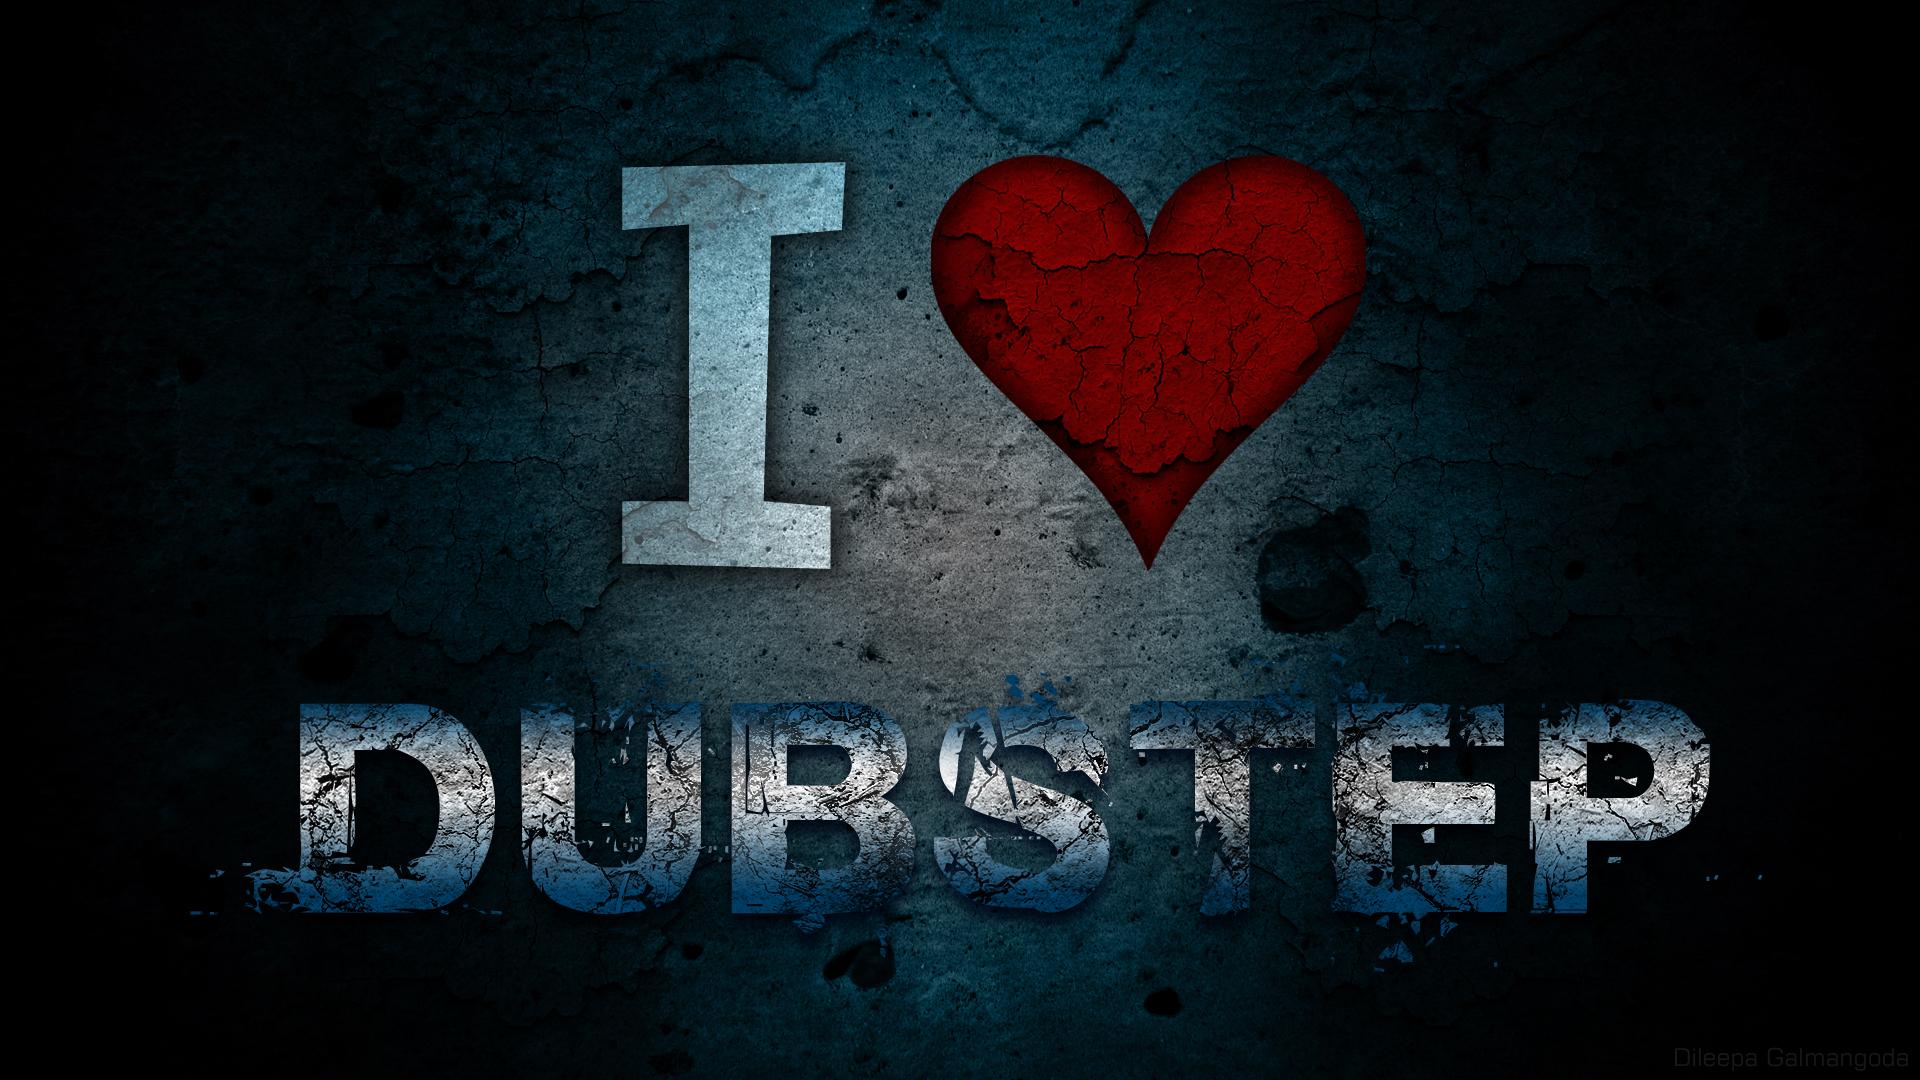 Love Dubstep Wallpaper